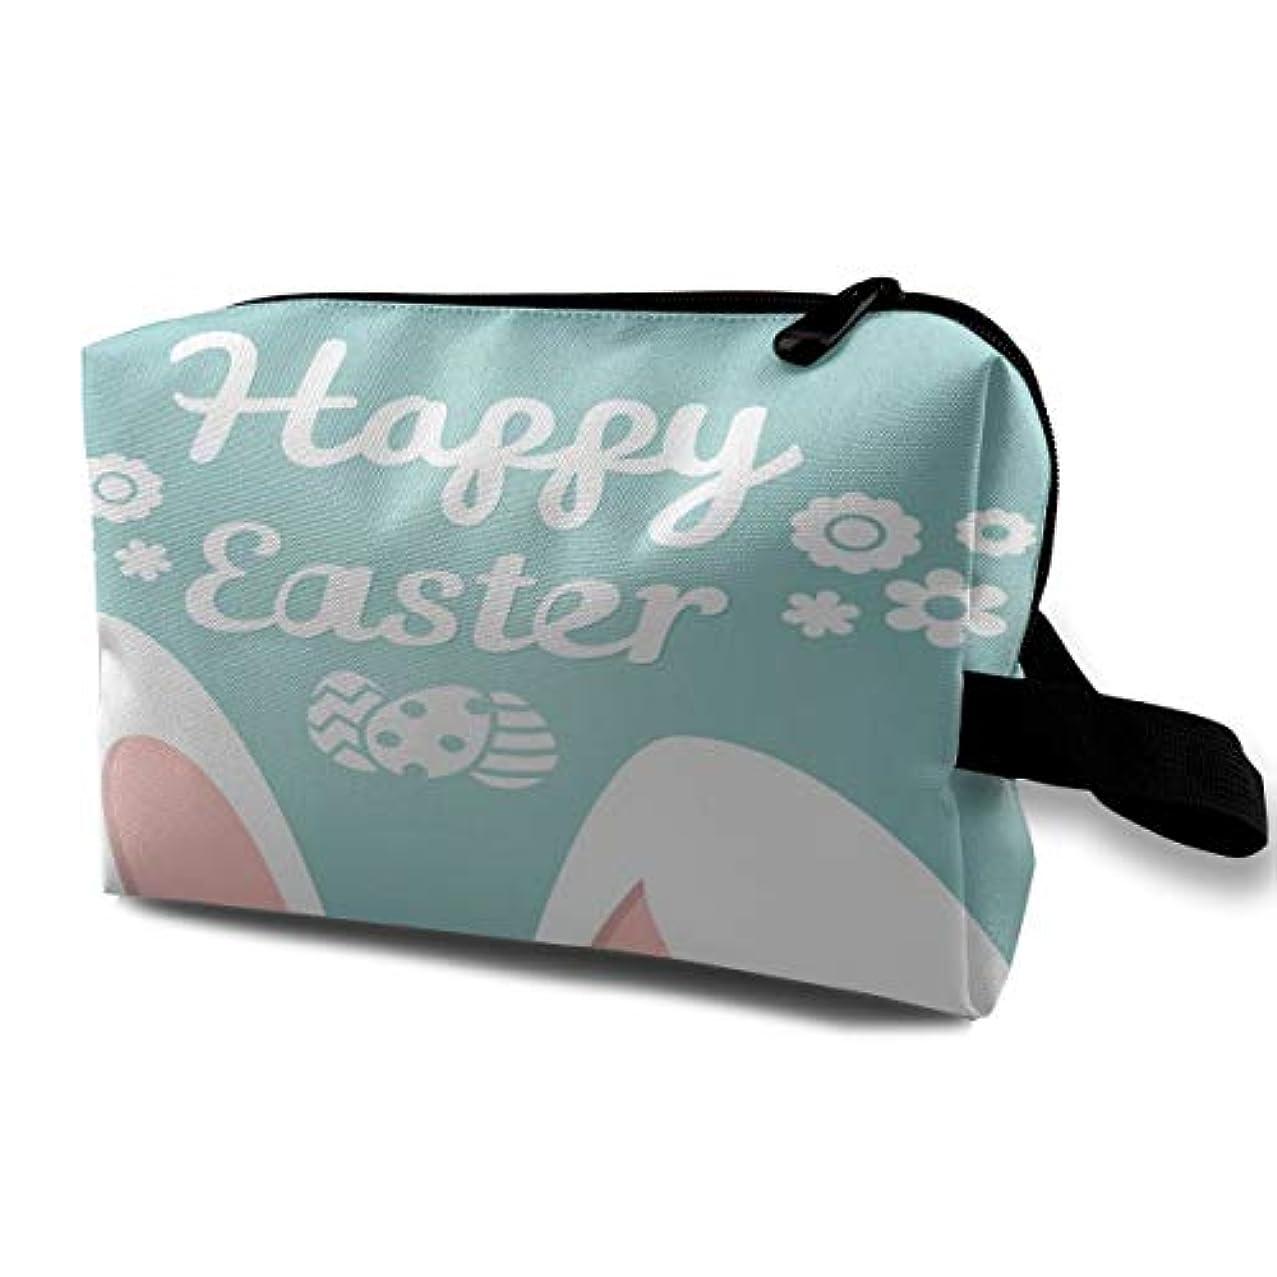 インターネットアッパー叫ぶHappy Easter Rabbit Ears 収納ポーチ 化粧ポーチ 大容量 軽量 耐久性 ハンドル付持ち運び便利。入れ 自宅・出張・旅行・アウトドア撮影などに対応。メンズ レディース トラベルグッズ